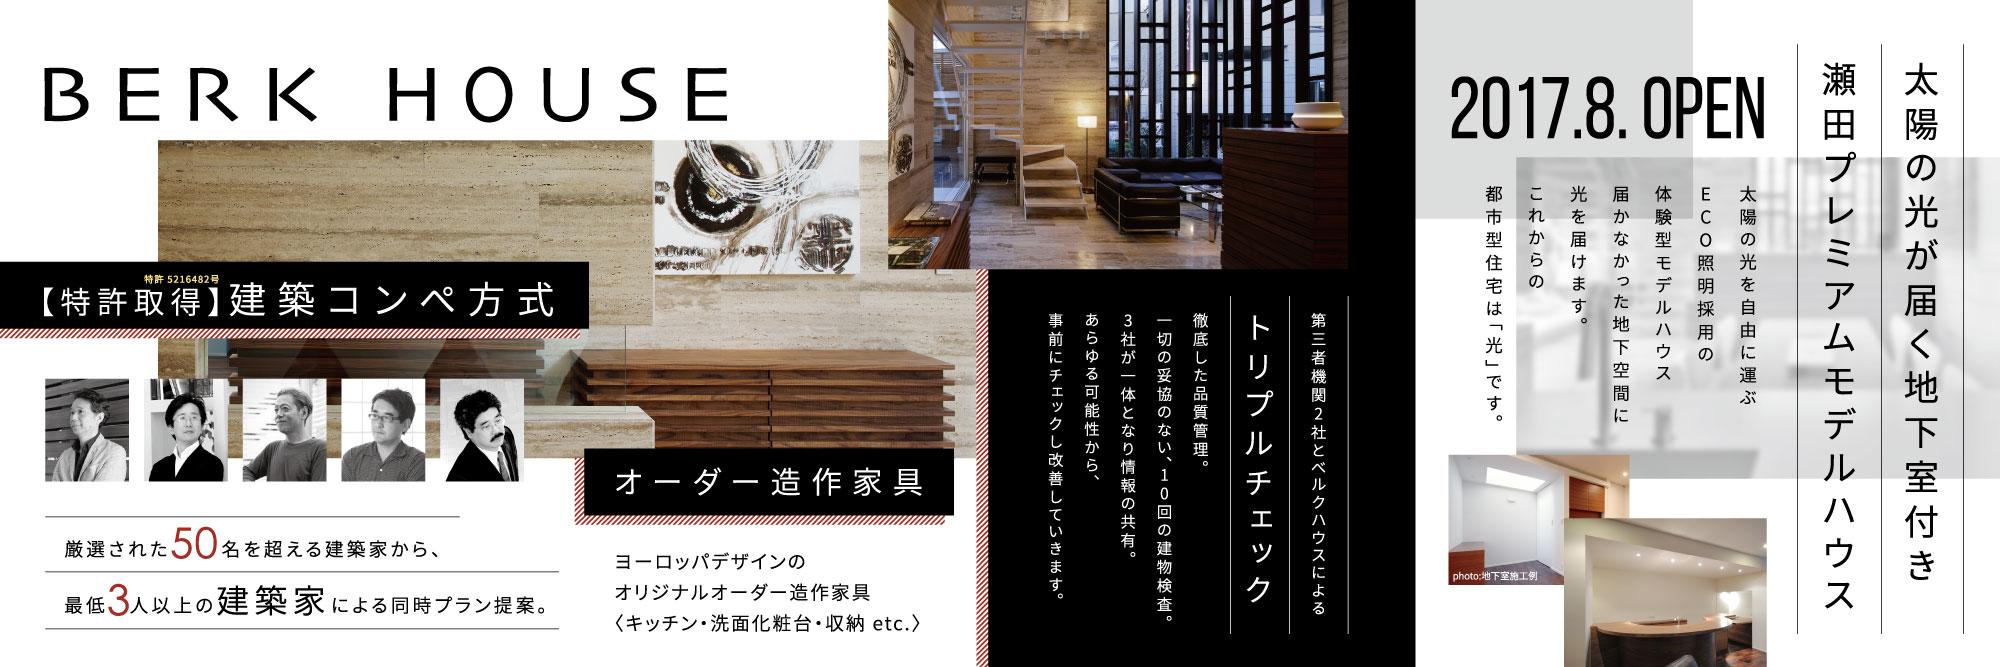 ベルクハウス 看板 世田谷 デザイン 建築